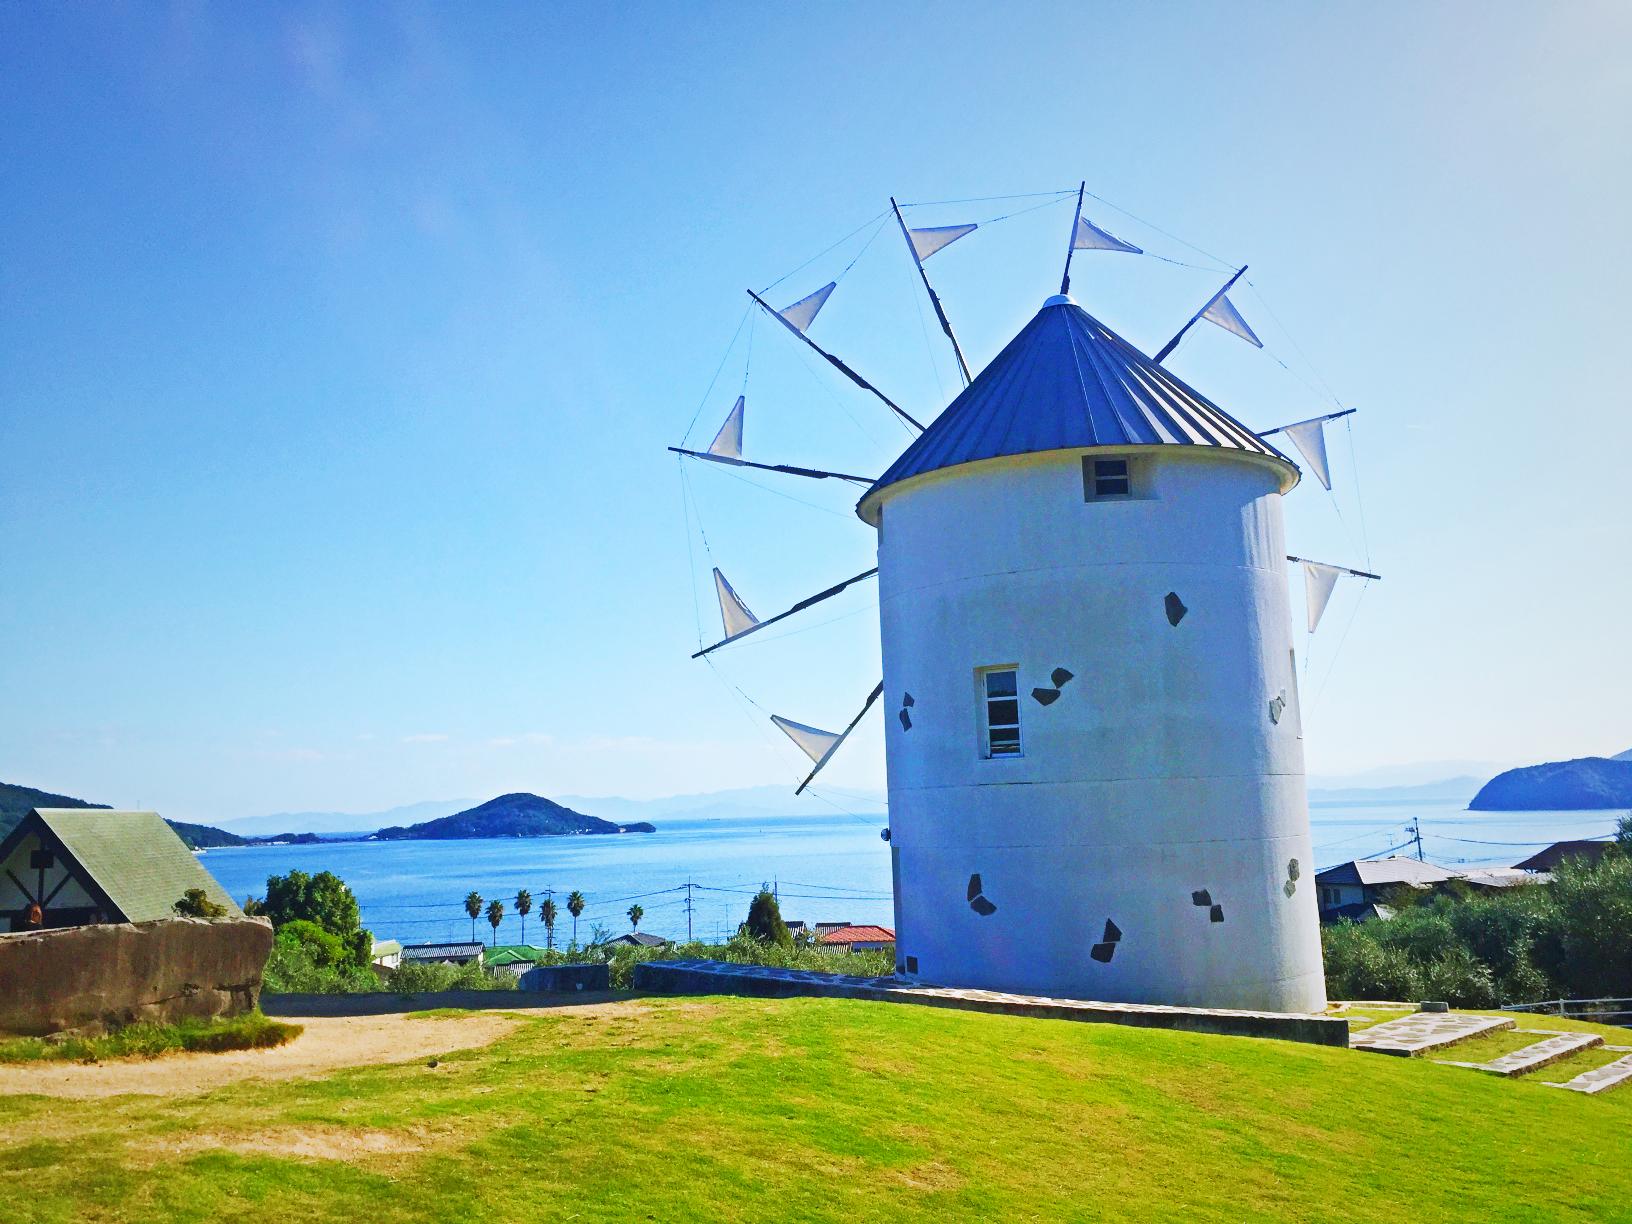 オリーブ公園内のギリシャ風車の写真。後ろ側から